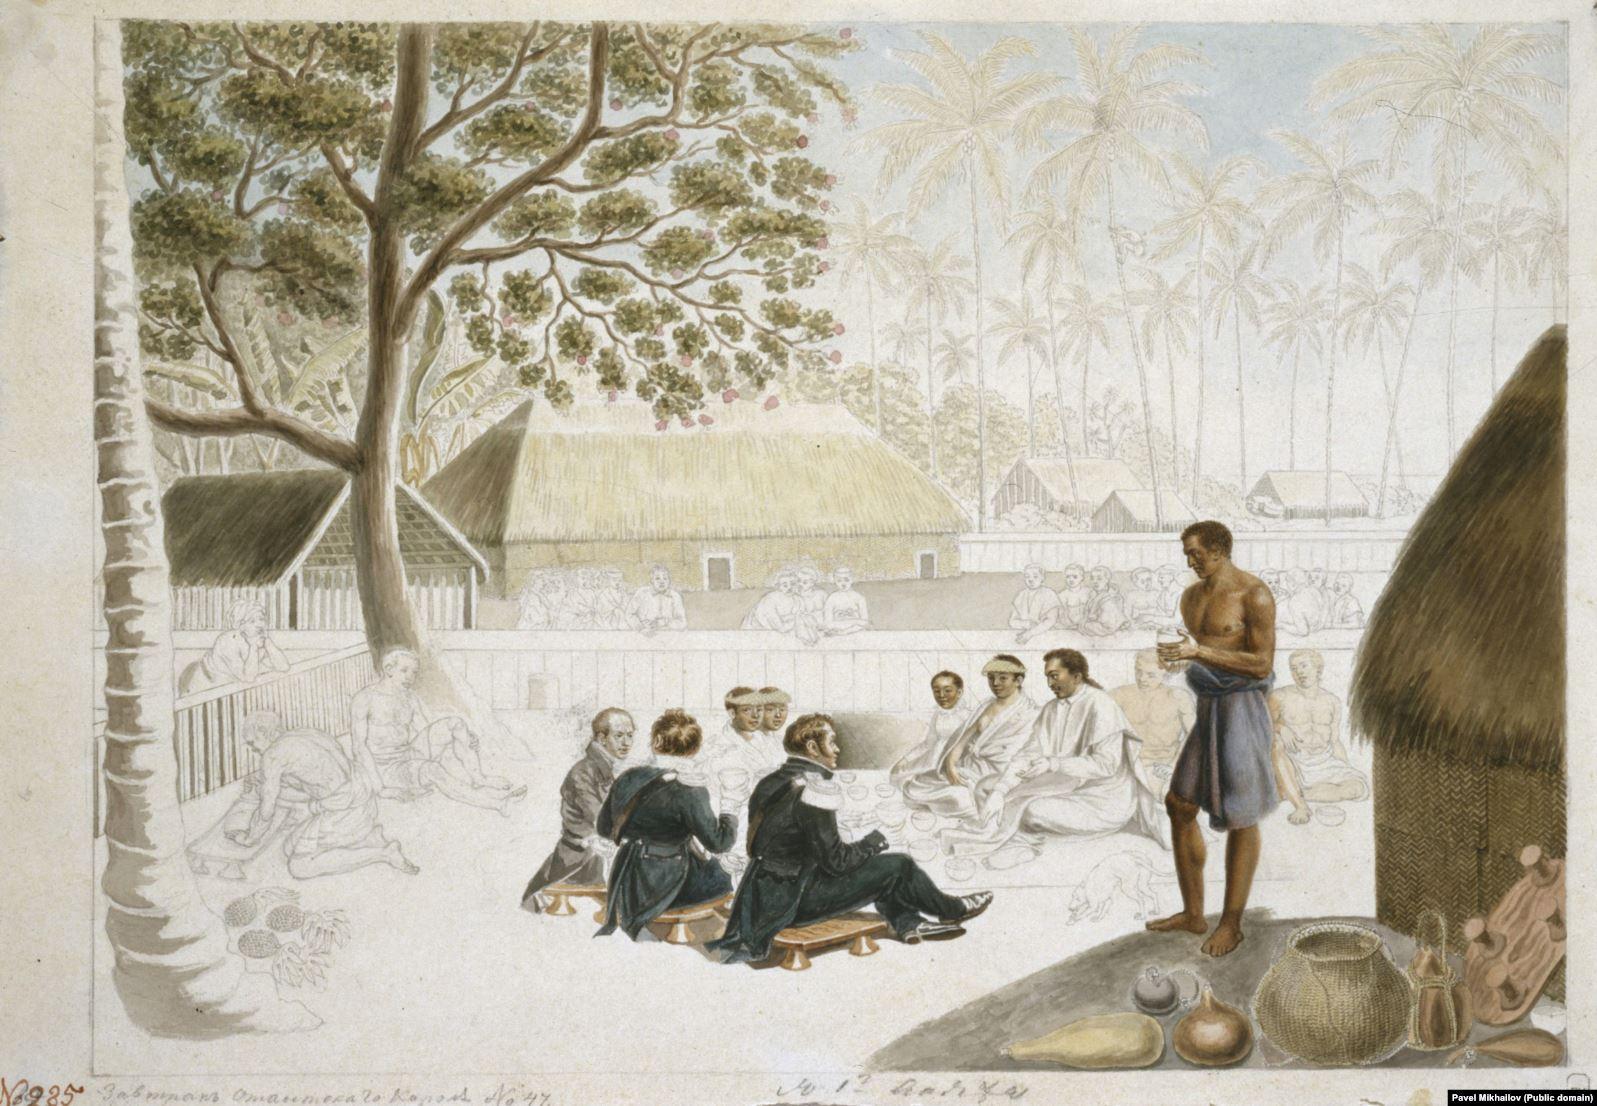 Мужчина (справа) несет блюдо из кокоса и плодов хлебного дерева на завтрак трем русским командирам и старейшинам поселения на Таити, 1821 год.